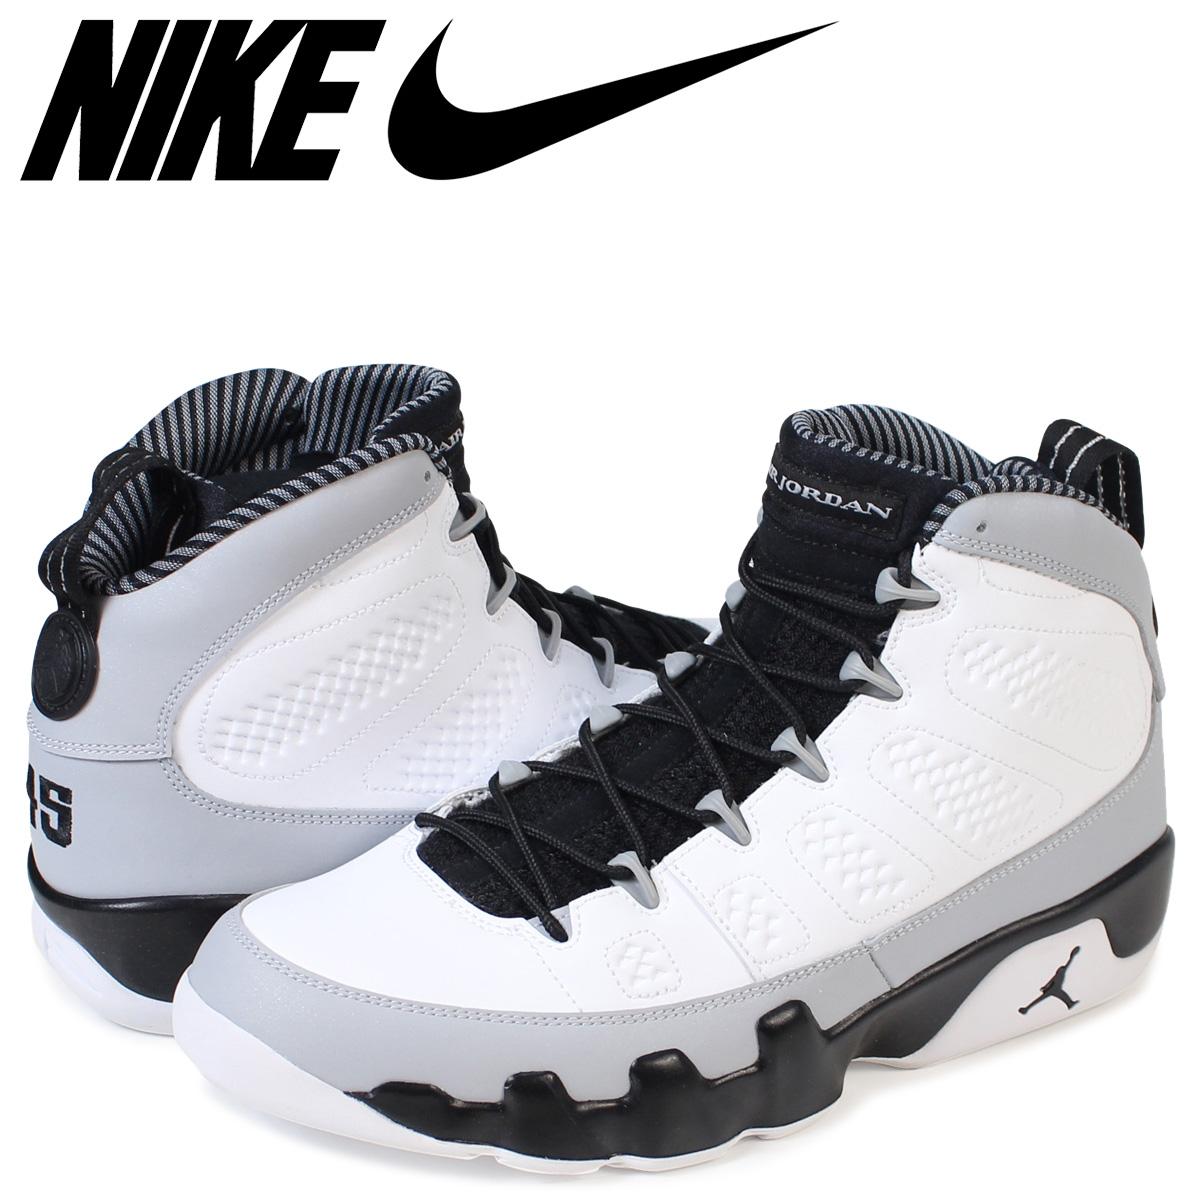 c1c247485d4846 NIKE Nike Air Jordan 9 nostalgic sneakers AIR JORDAN 9 RETRO BARONS  302